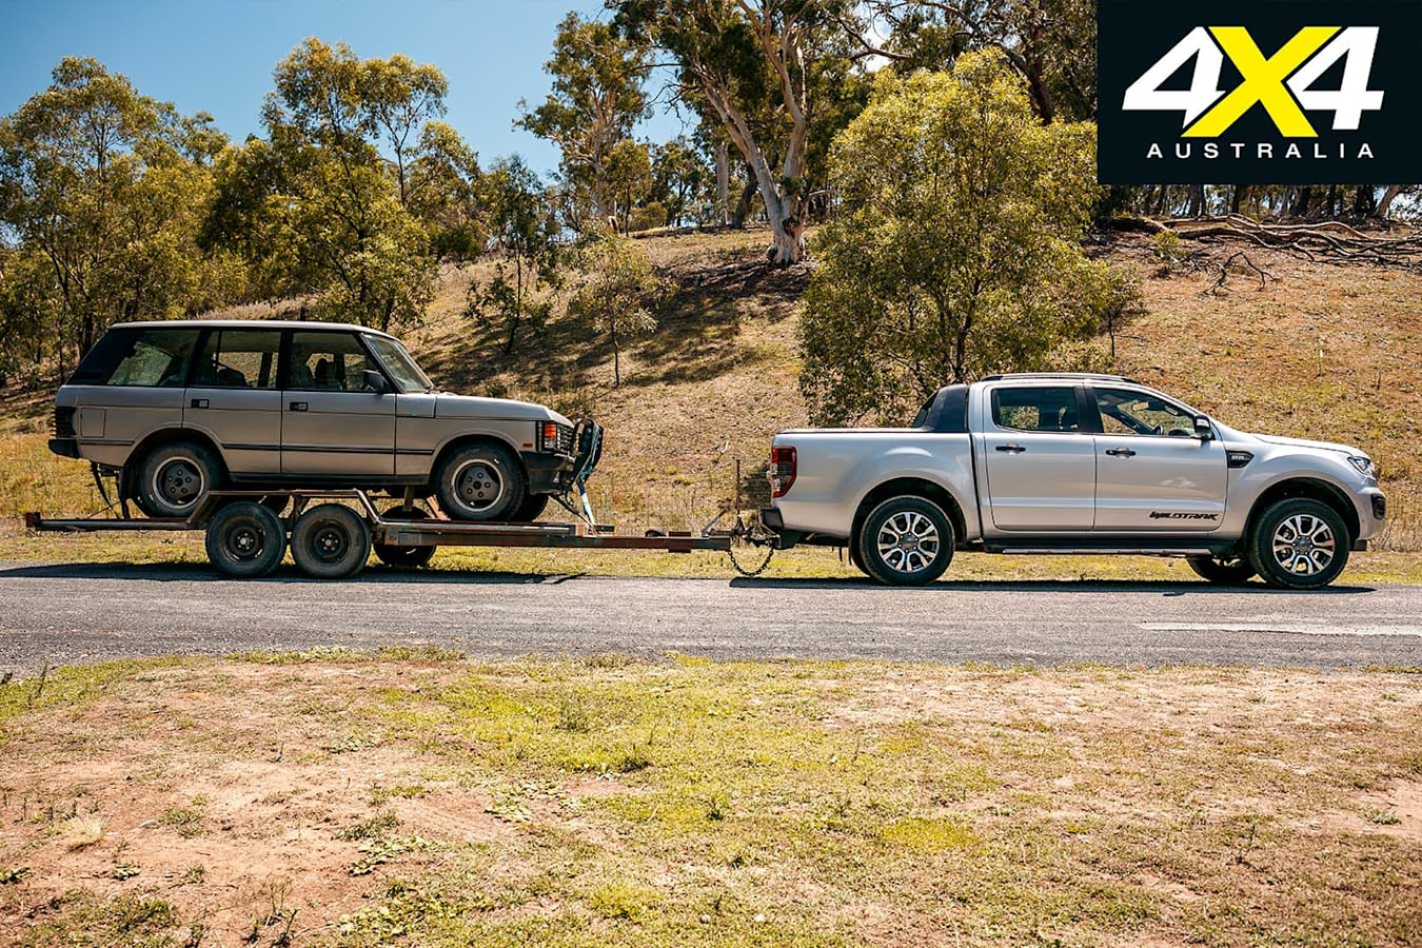 2019 Ford Ranger 3 2 Load Tow Test Setup Jpg